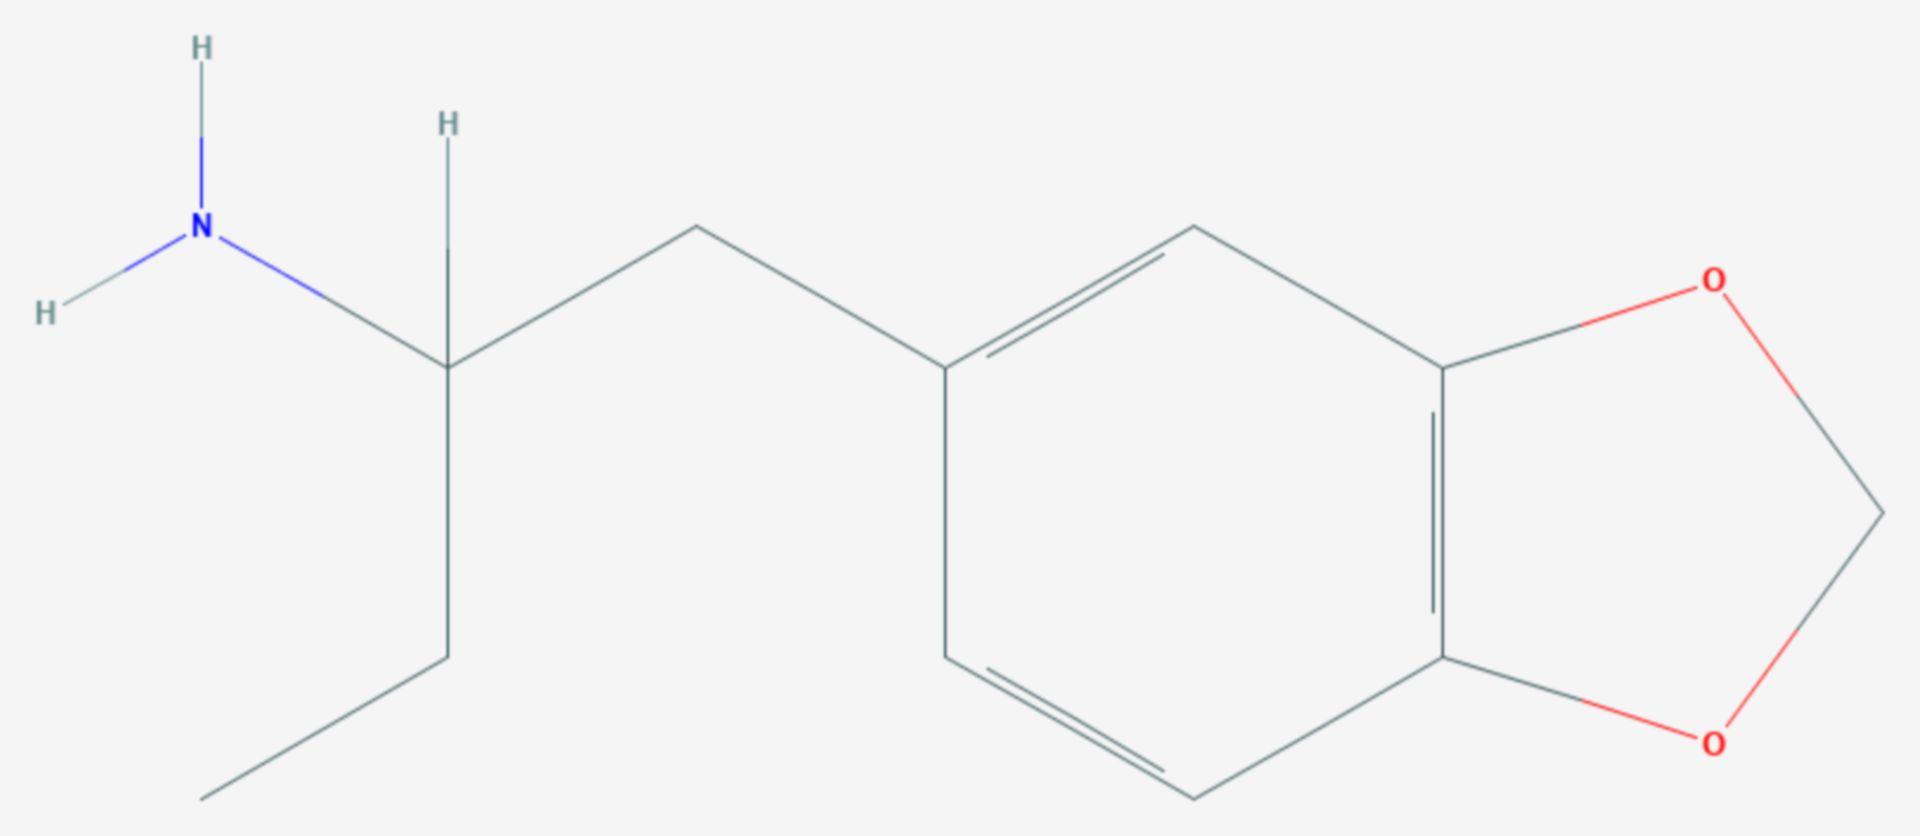 2-Amino-1-(3,4-methylendioxyphenyl)butan (Strukturformel)